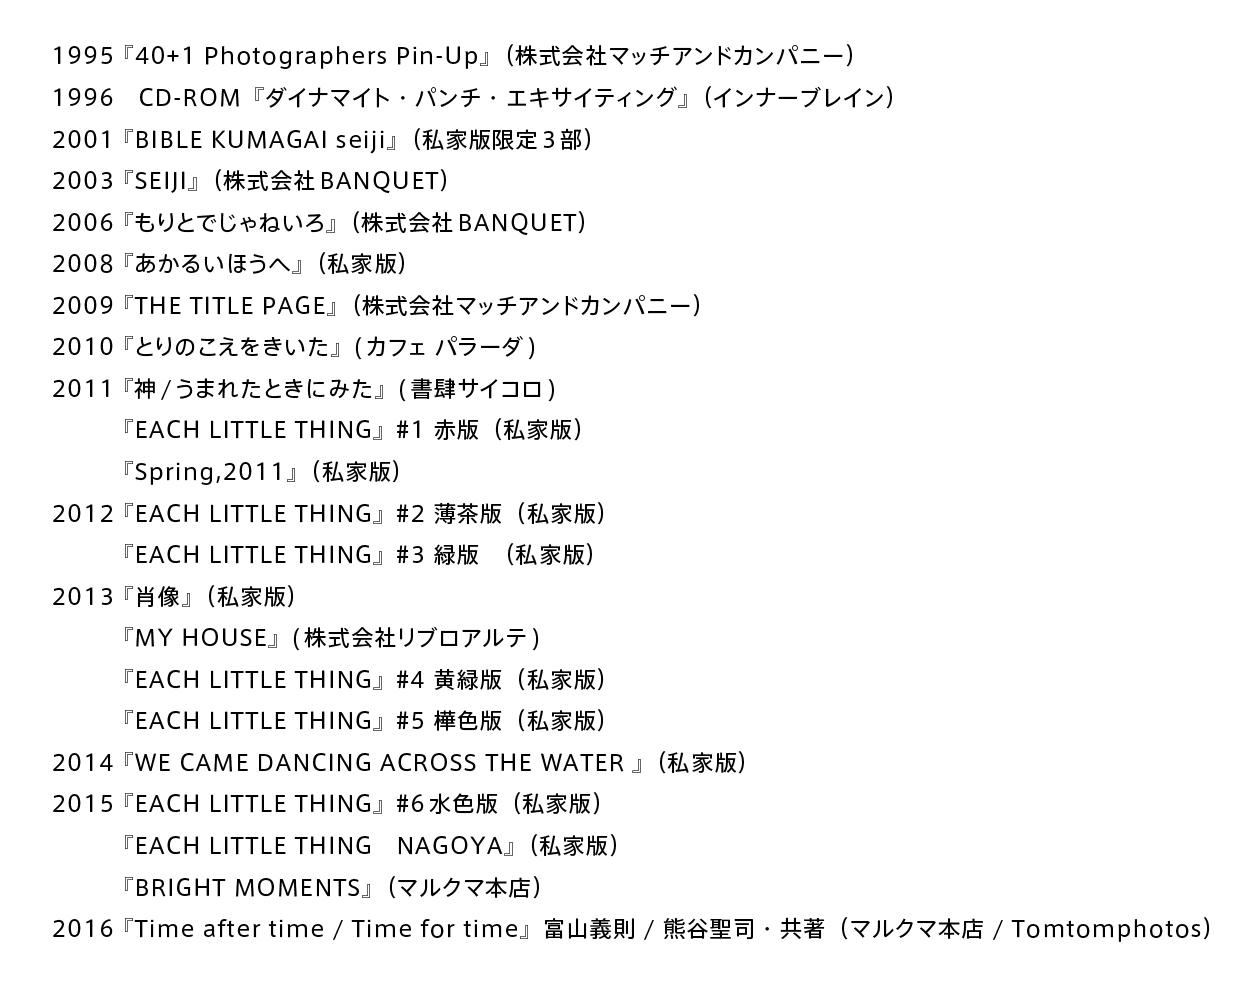 熊谷聖司 写真展「青について」